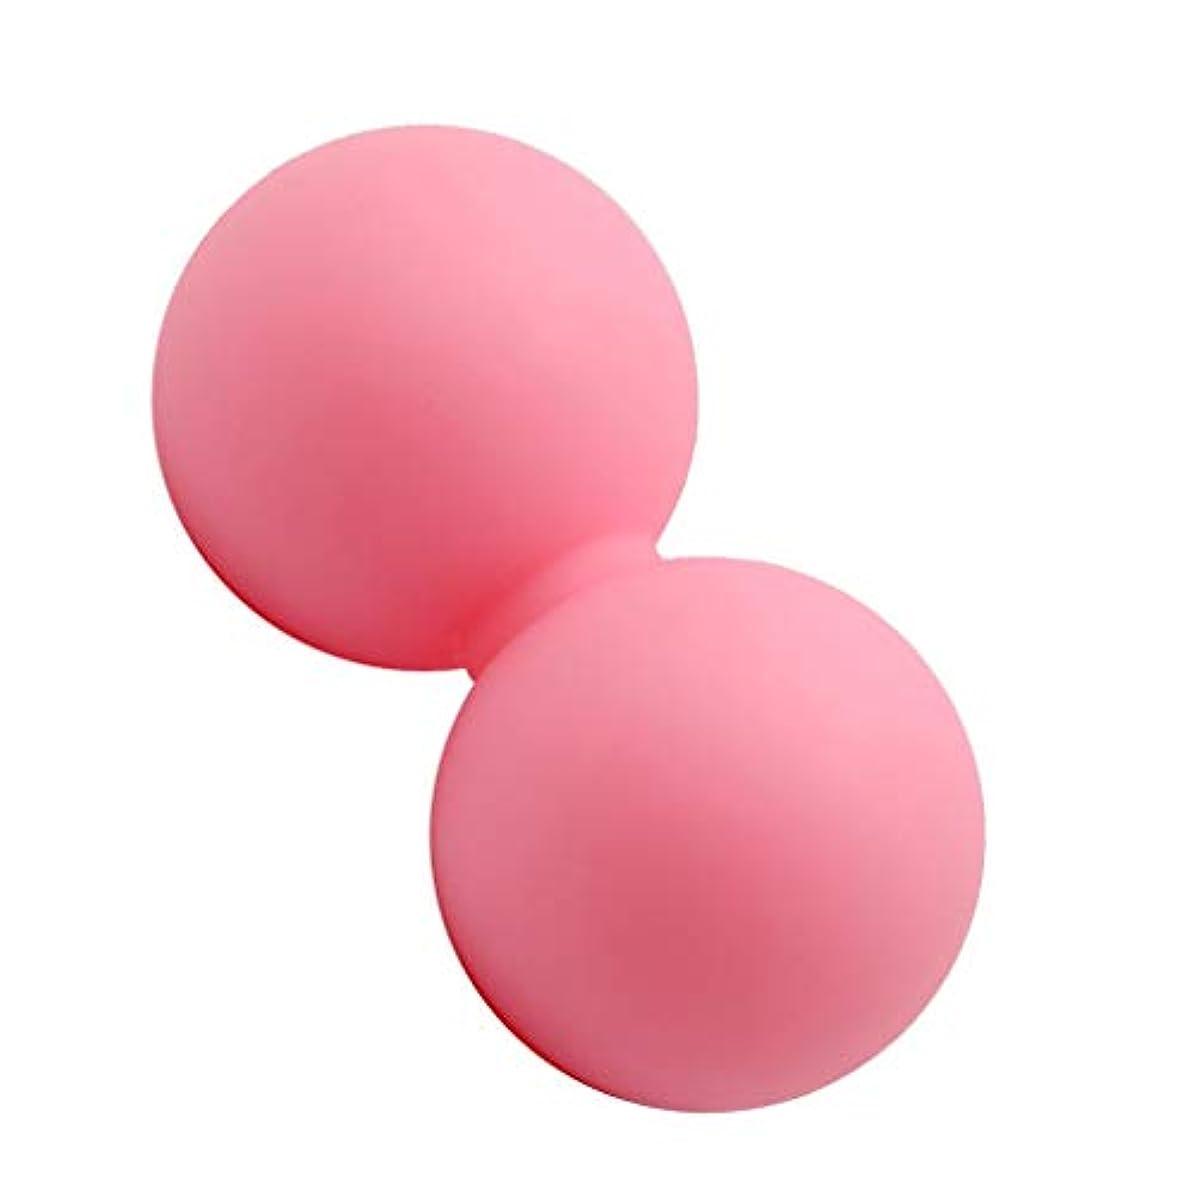 ひまわりミニチュアフルーティーマッサージボール ヨガ 手のひら/足/足首/腕/首/背中用 ピンク